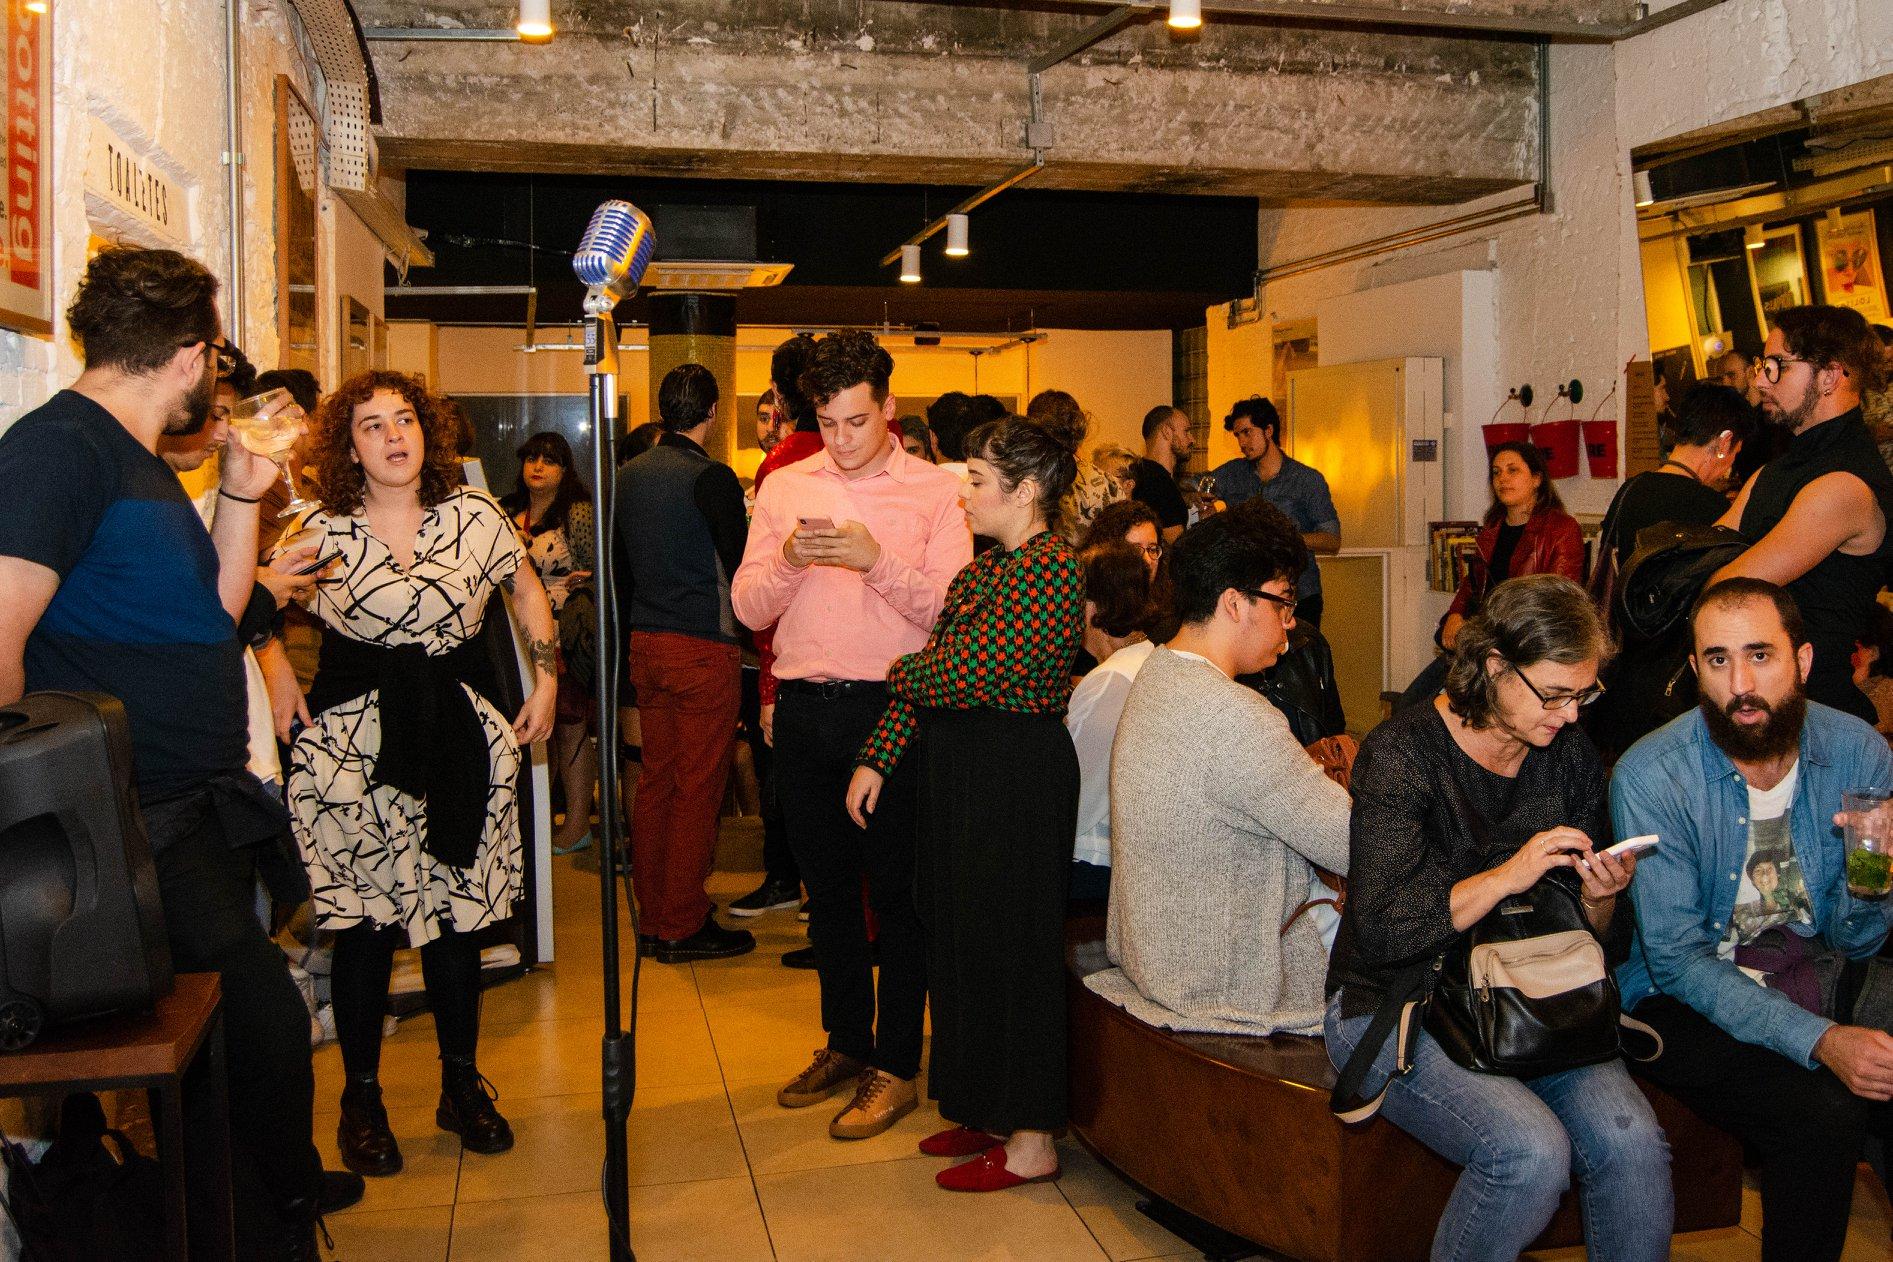 Saguão acomoda o público enquanto não começa o evento.  Foto de Raphael de Souza Rocha.